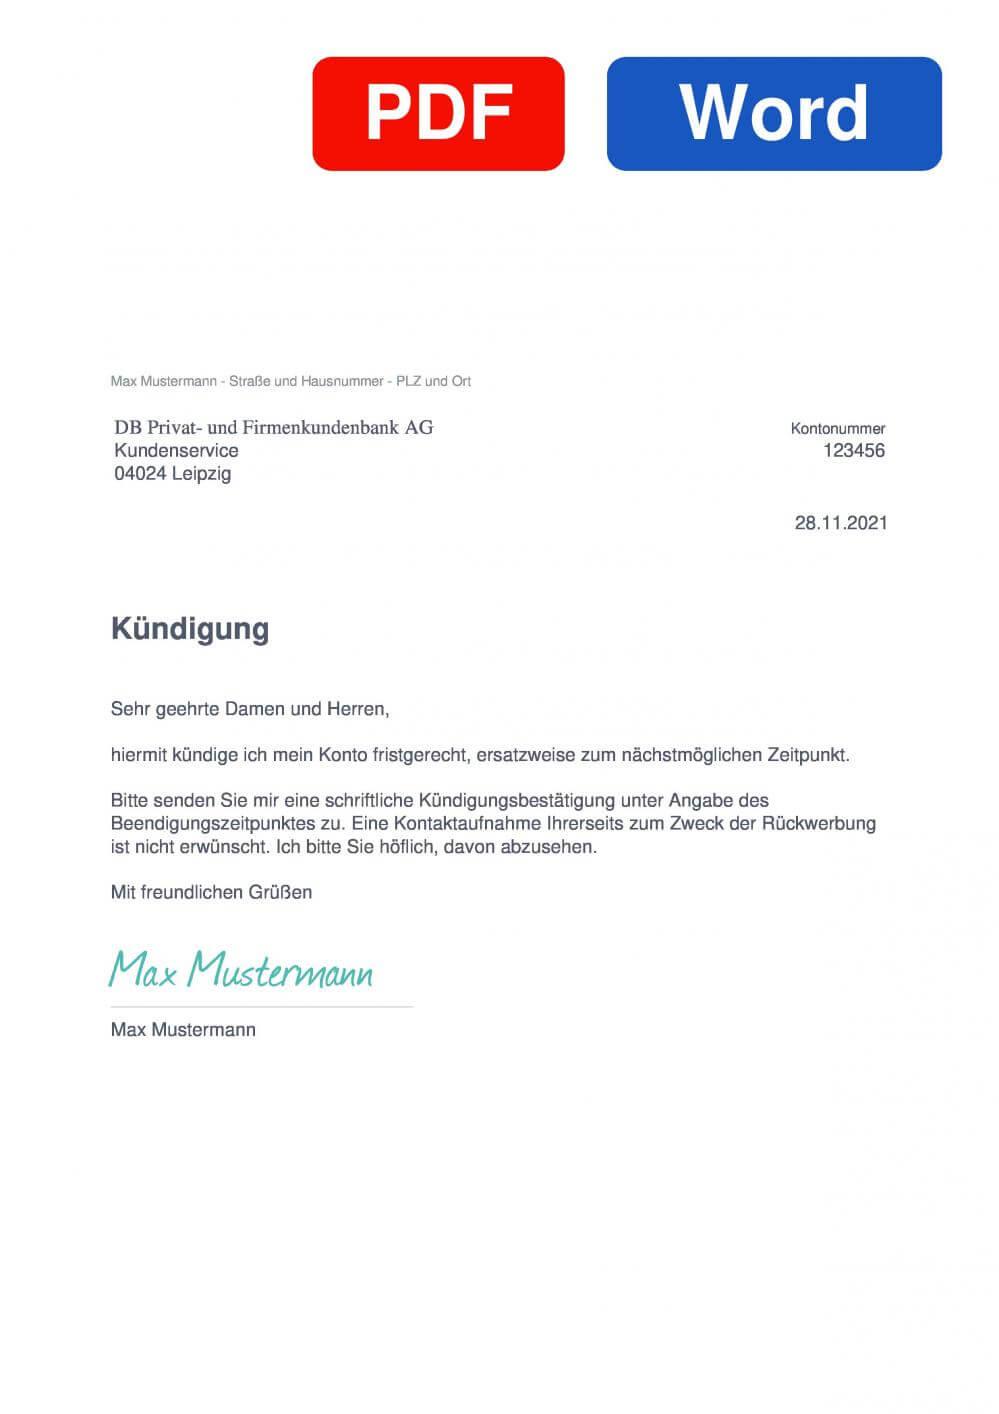 Deutsche Bank Muster Vorlage für Kündigungsschreiben